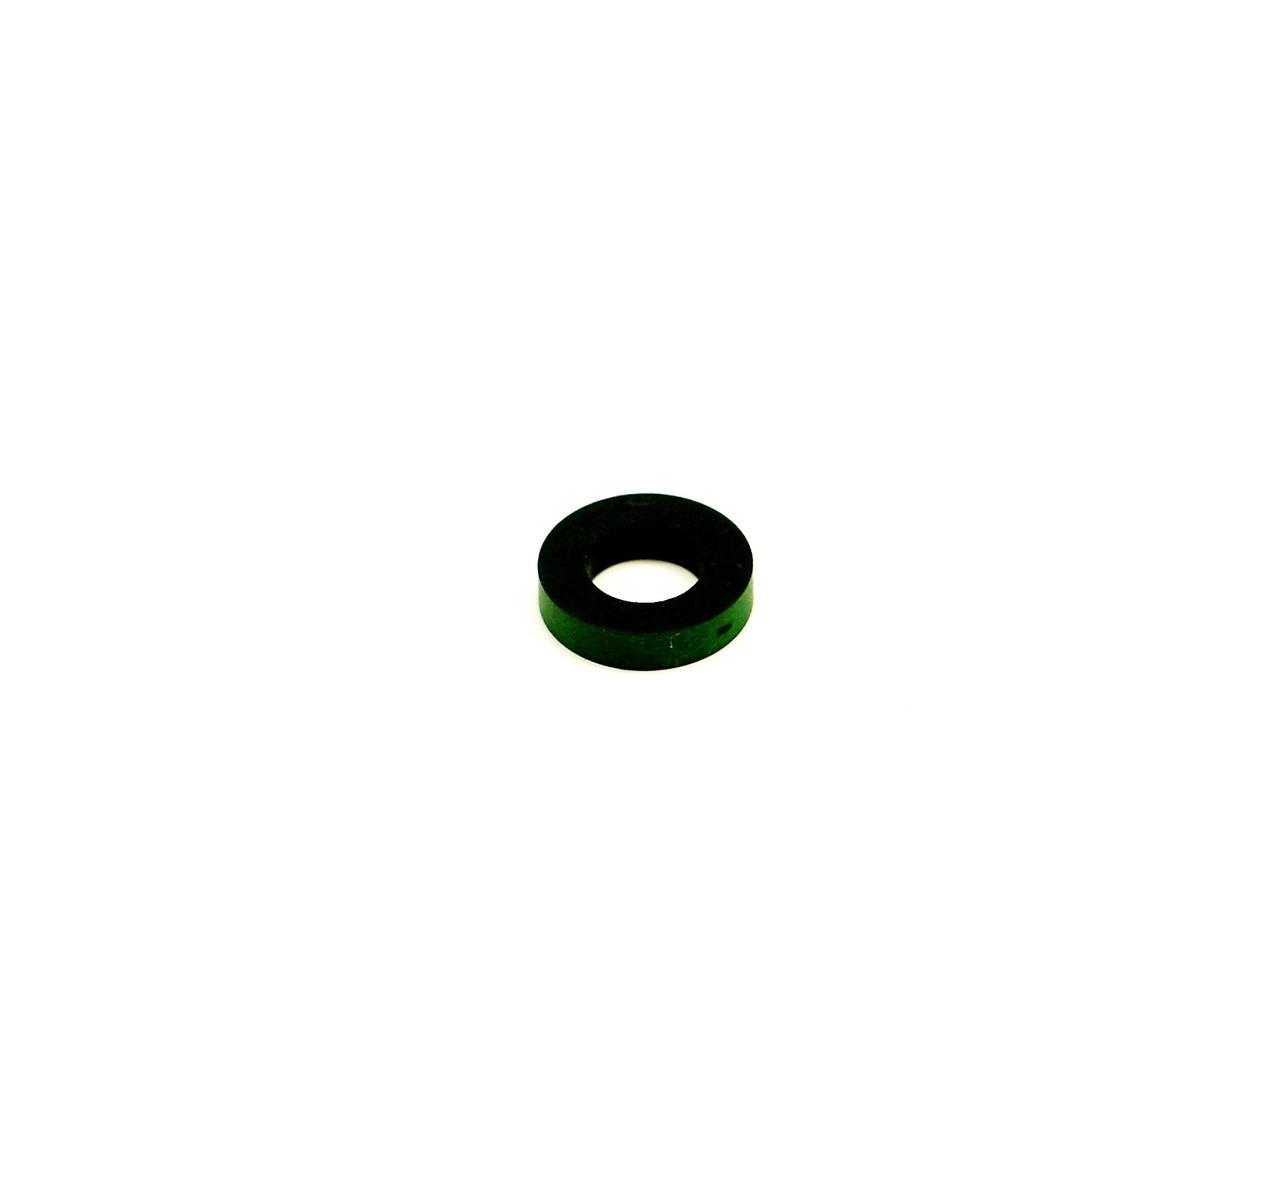 Уплотнительное кольцо топливного насоса Cummins ISL9, QSL 5272819, 3926722, 3917332